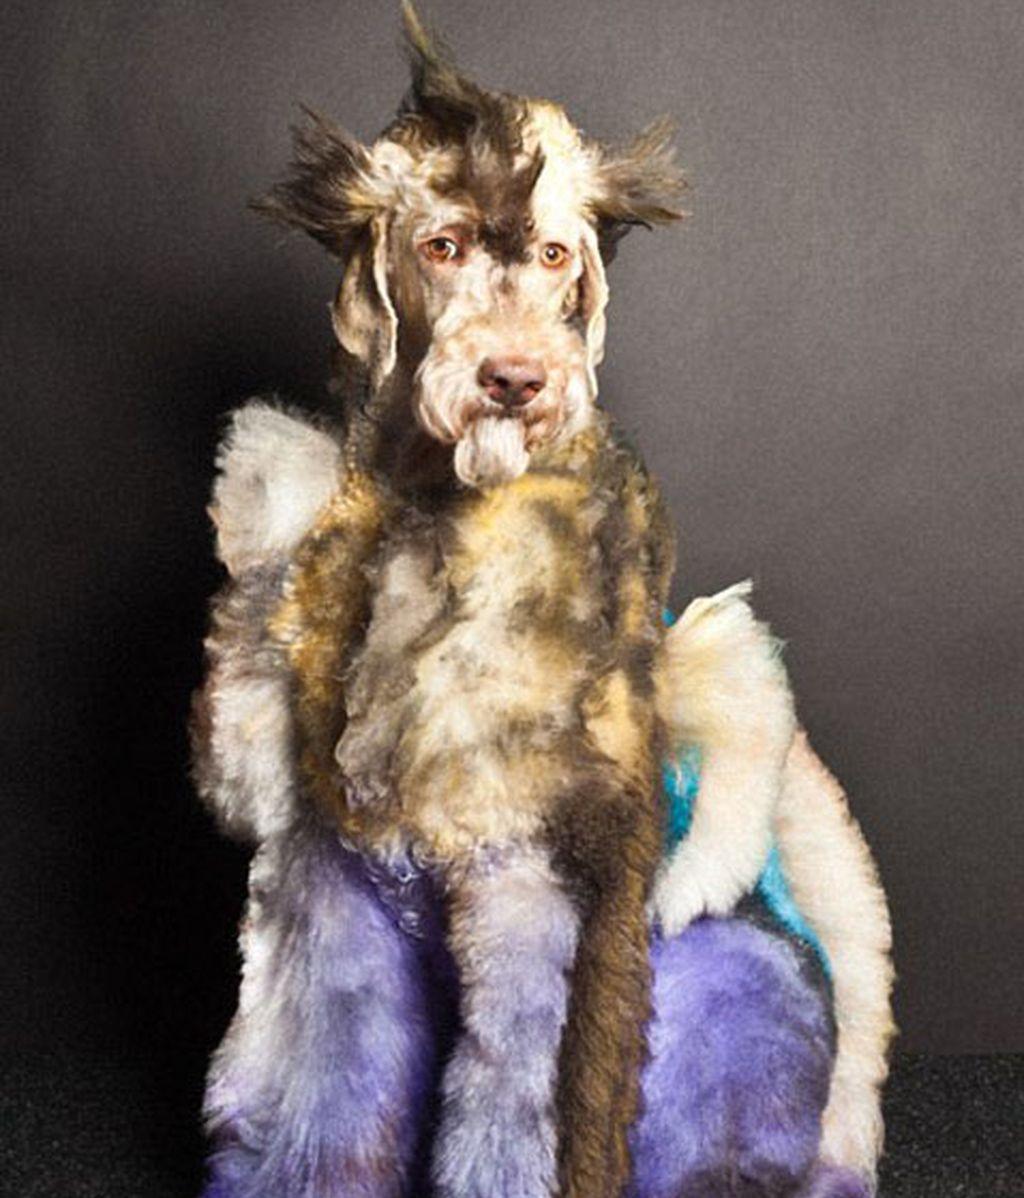 Perros con transformaciones extremas